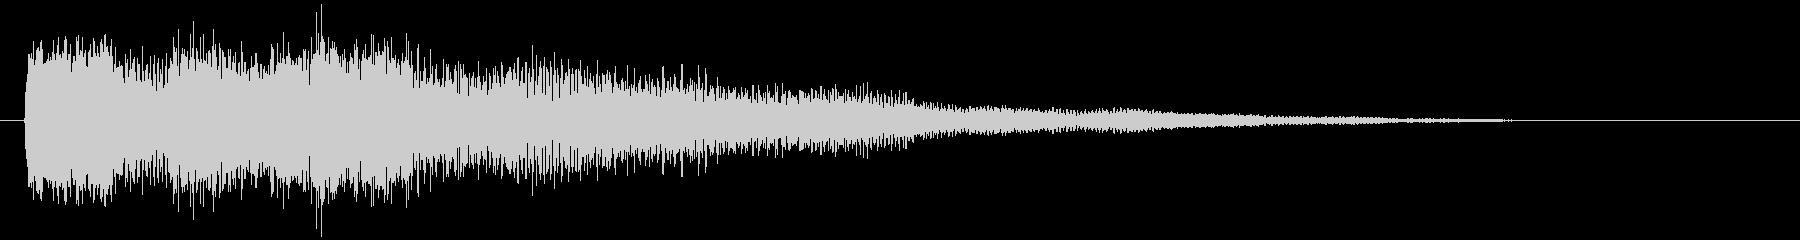 ゲームオーバー・失敗 ギターのジングルの未再生の波形